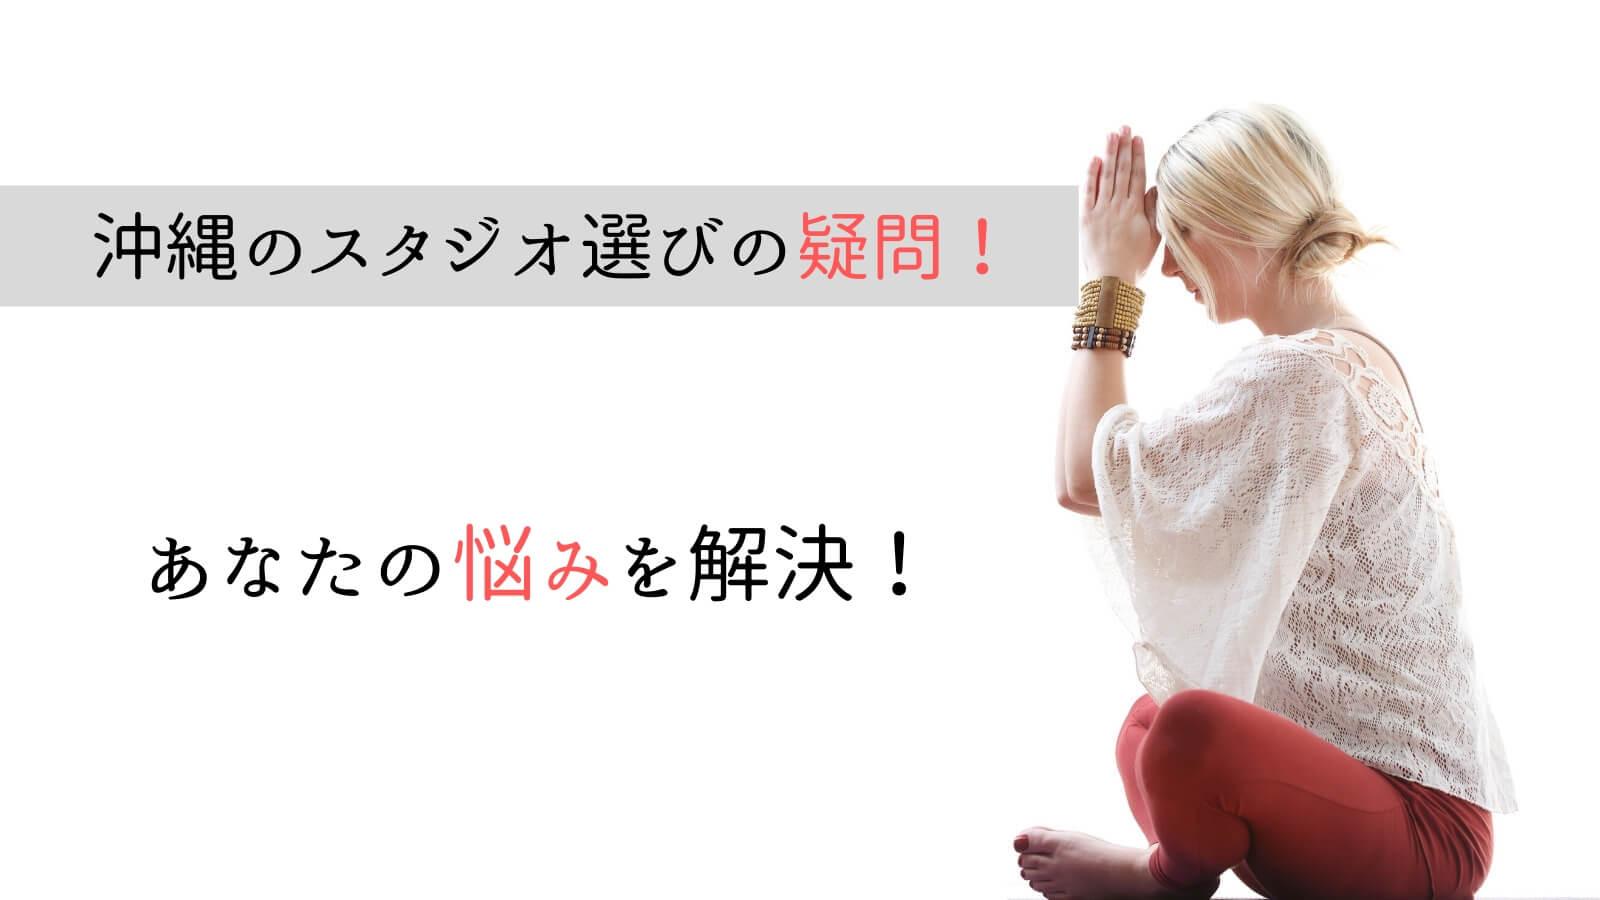 沖縄でのヨガ・ホットヨガスタジオ選びに関するQ&A